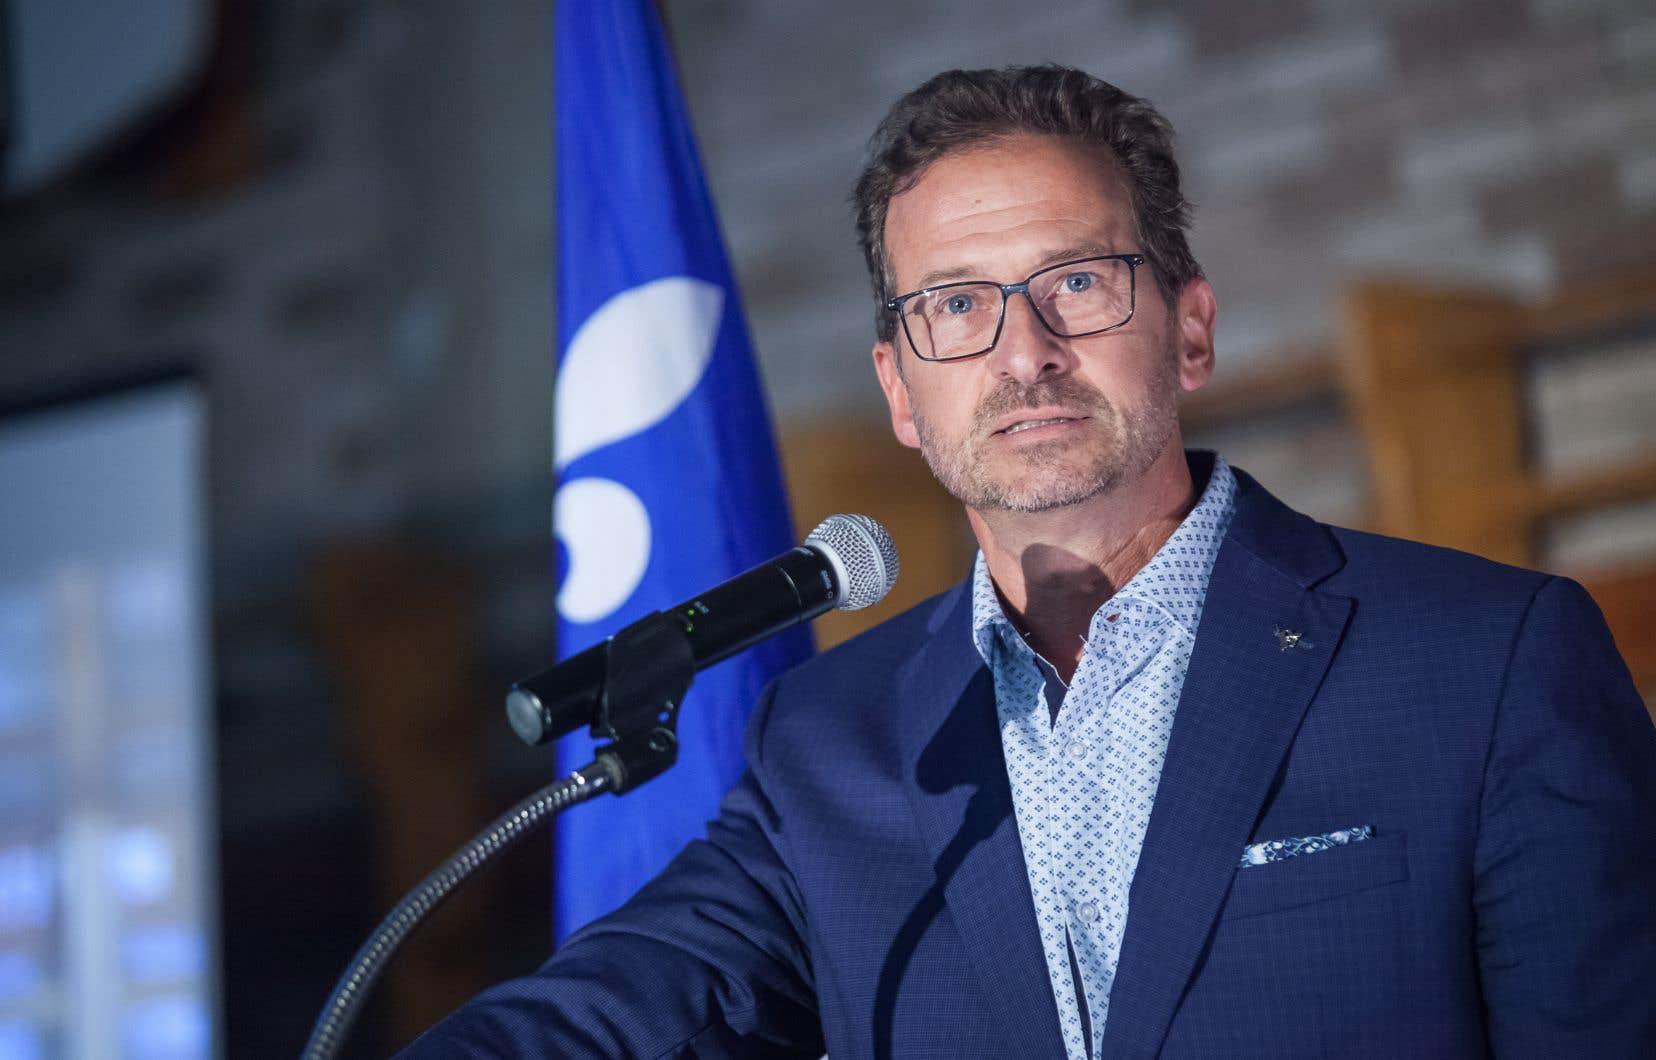 «Nous avons beaucoup cheminé [depuis un an] et nous en sommes rendus à présenter une offre politique globale, complète, qui touche tous les aspects de la vie des Québécois et des Québécoises», a déclaréle chef du BQ Yves-François Blanchet.